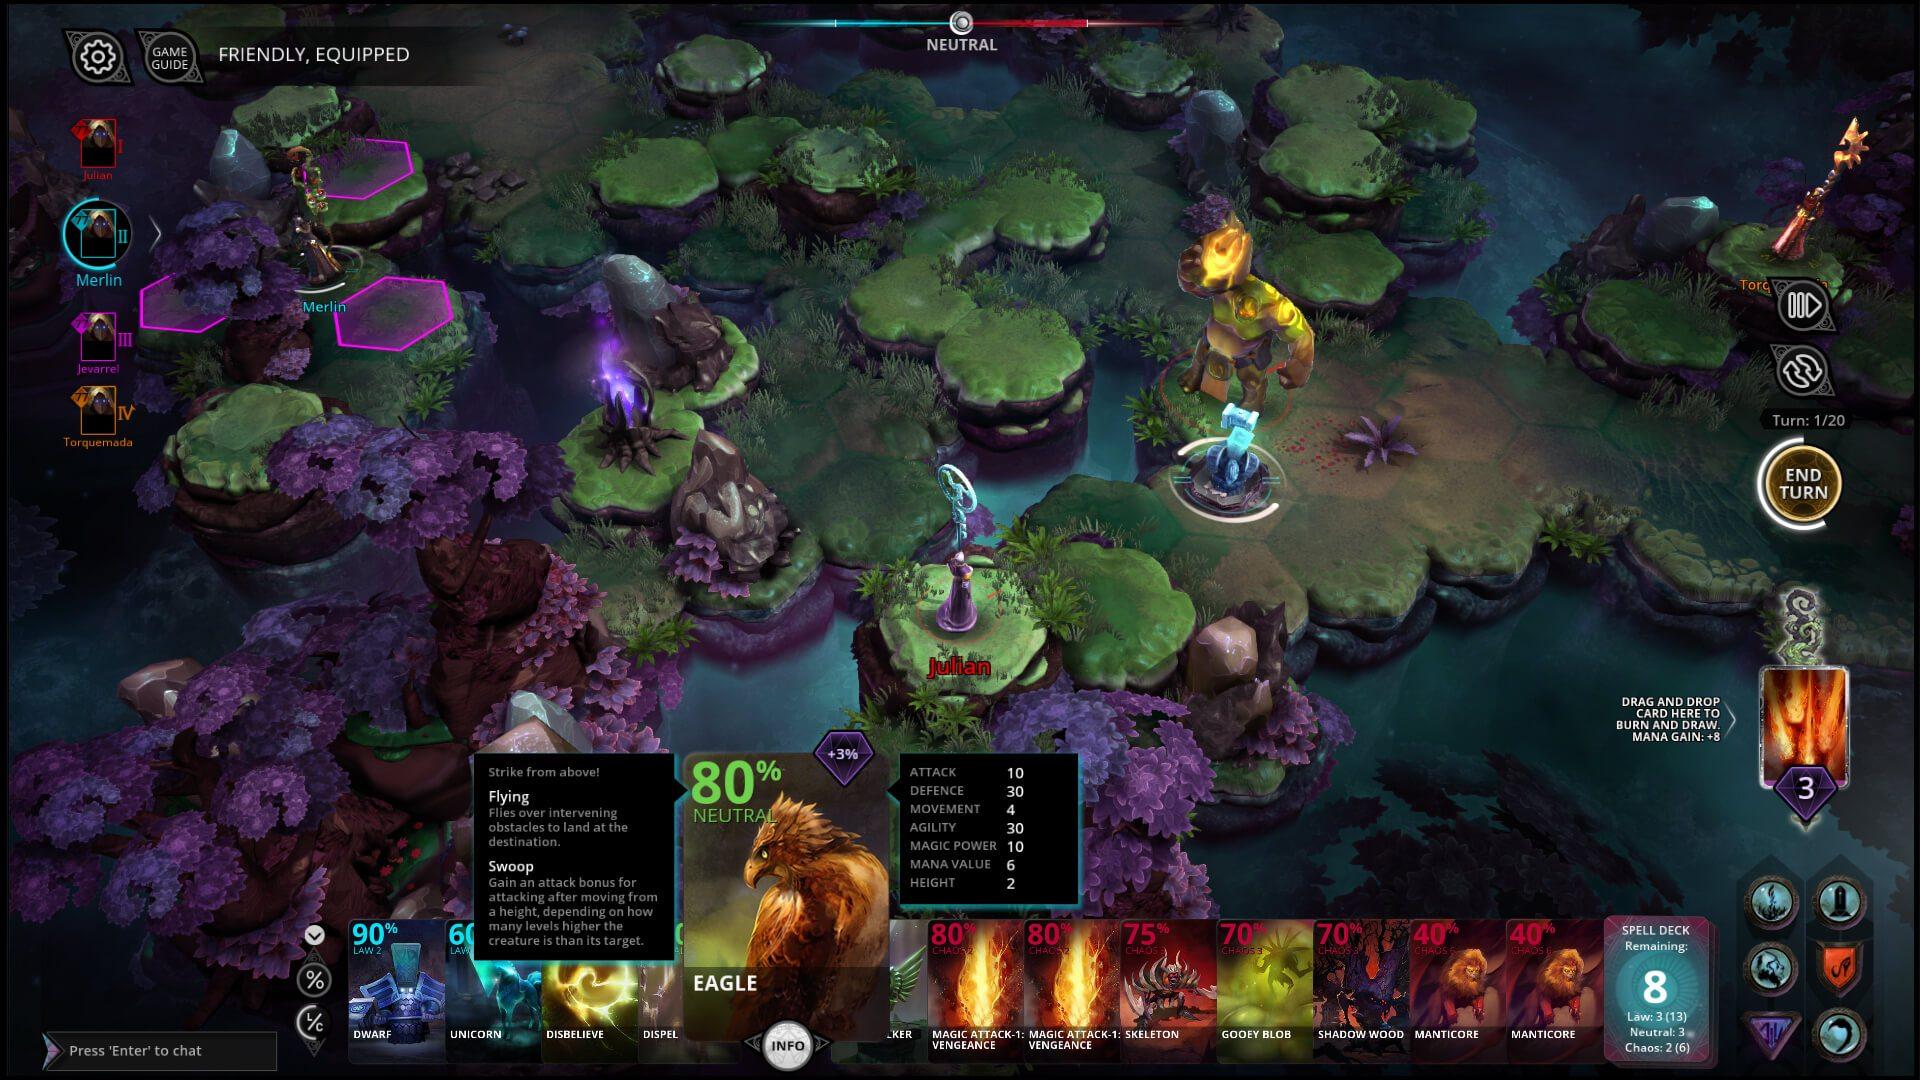 descargar-Chaos-Reborn-para-PC-gratis-3